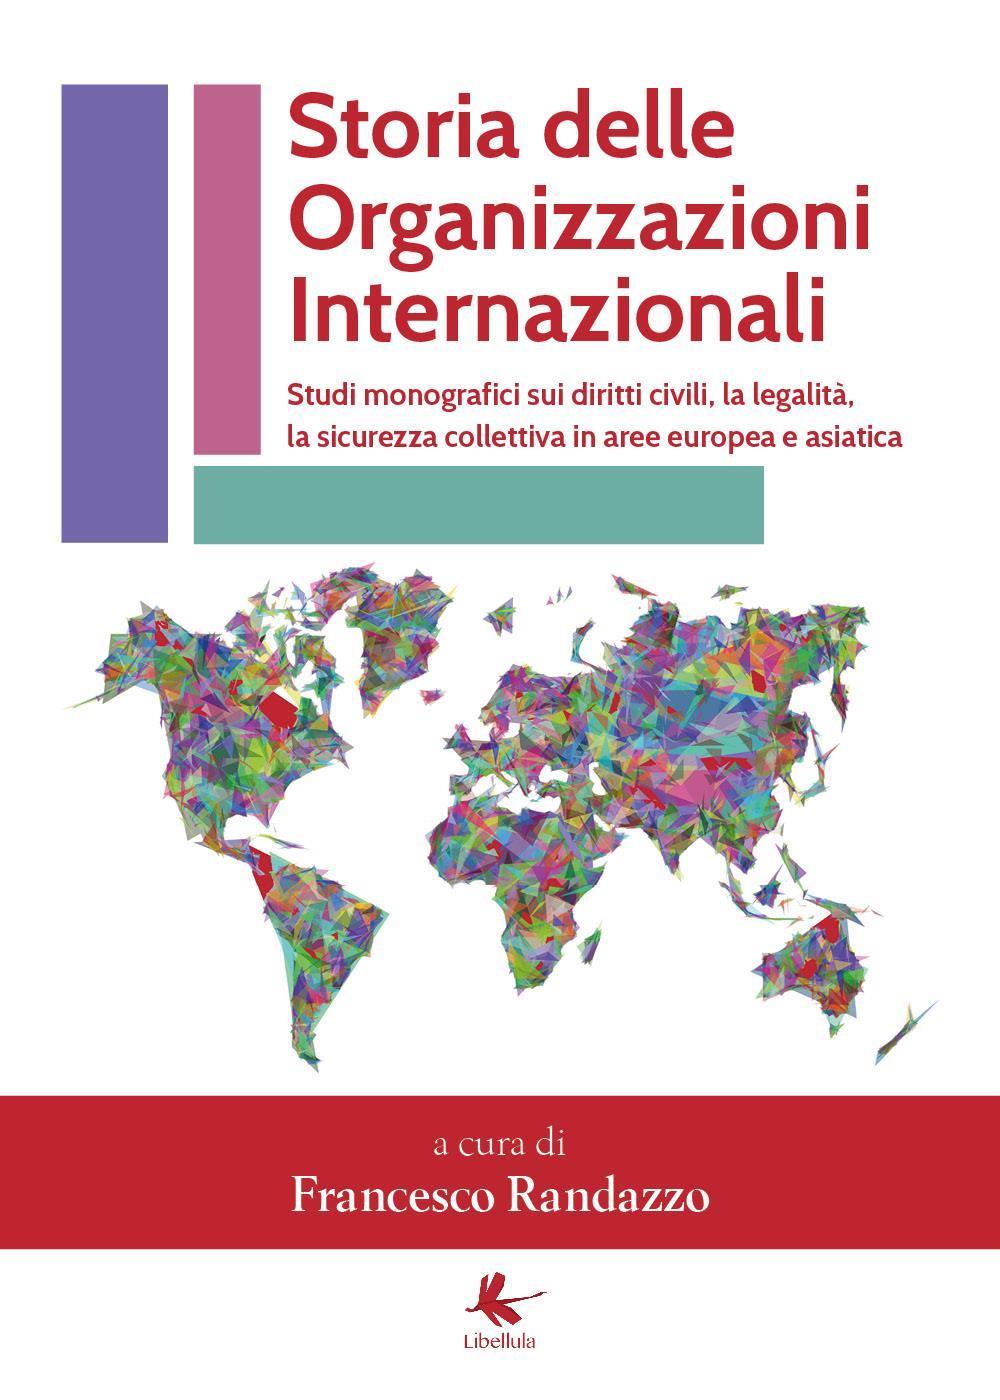 Storia delle organizzazioni internazionali